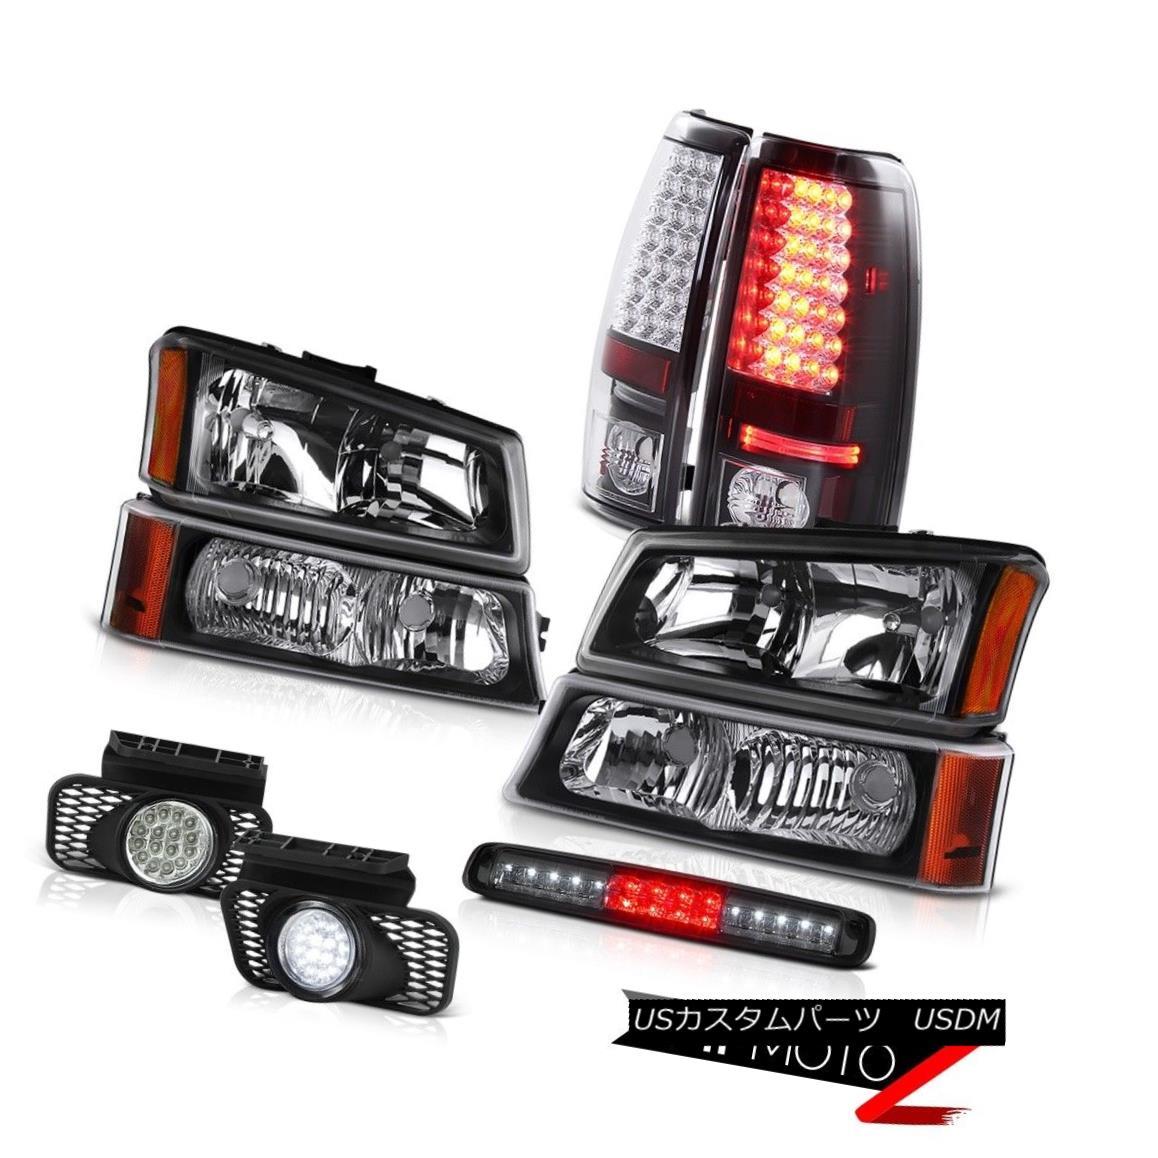 テールライト 03-06 Silverado Raven Black Signal Lamp 3RD Brake Headlights Foglamps Tail Lamps 03-06 Silverado Raven Black信号ランプ3RDブレーキヘッドライトFoglampsテールランプ